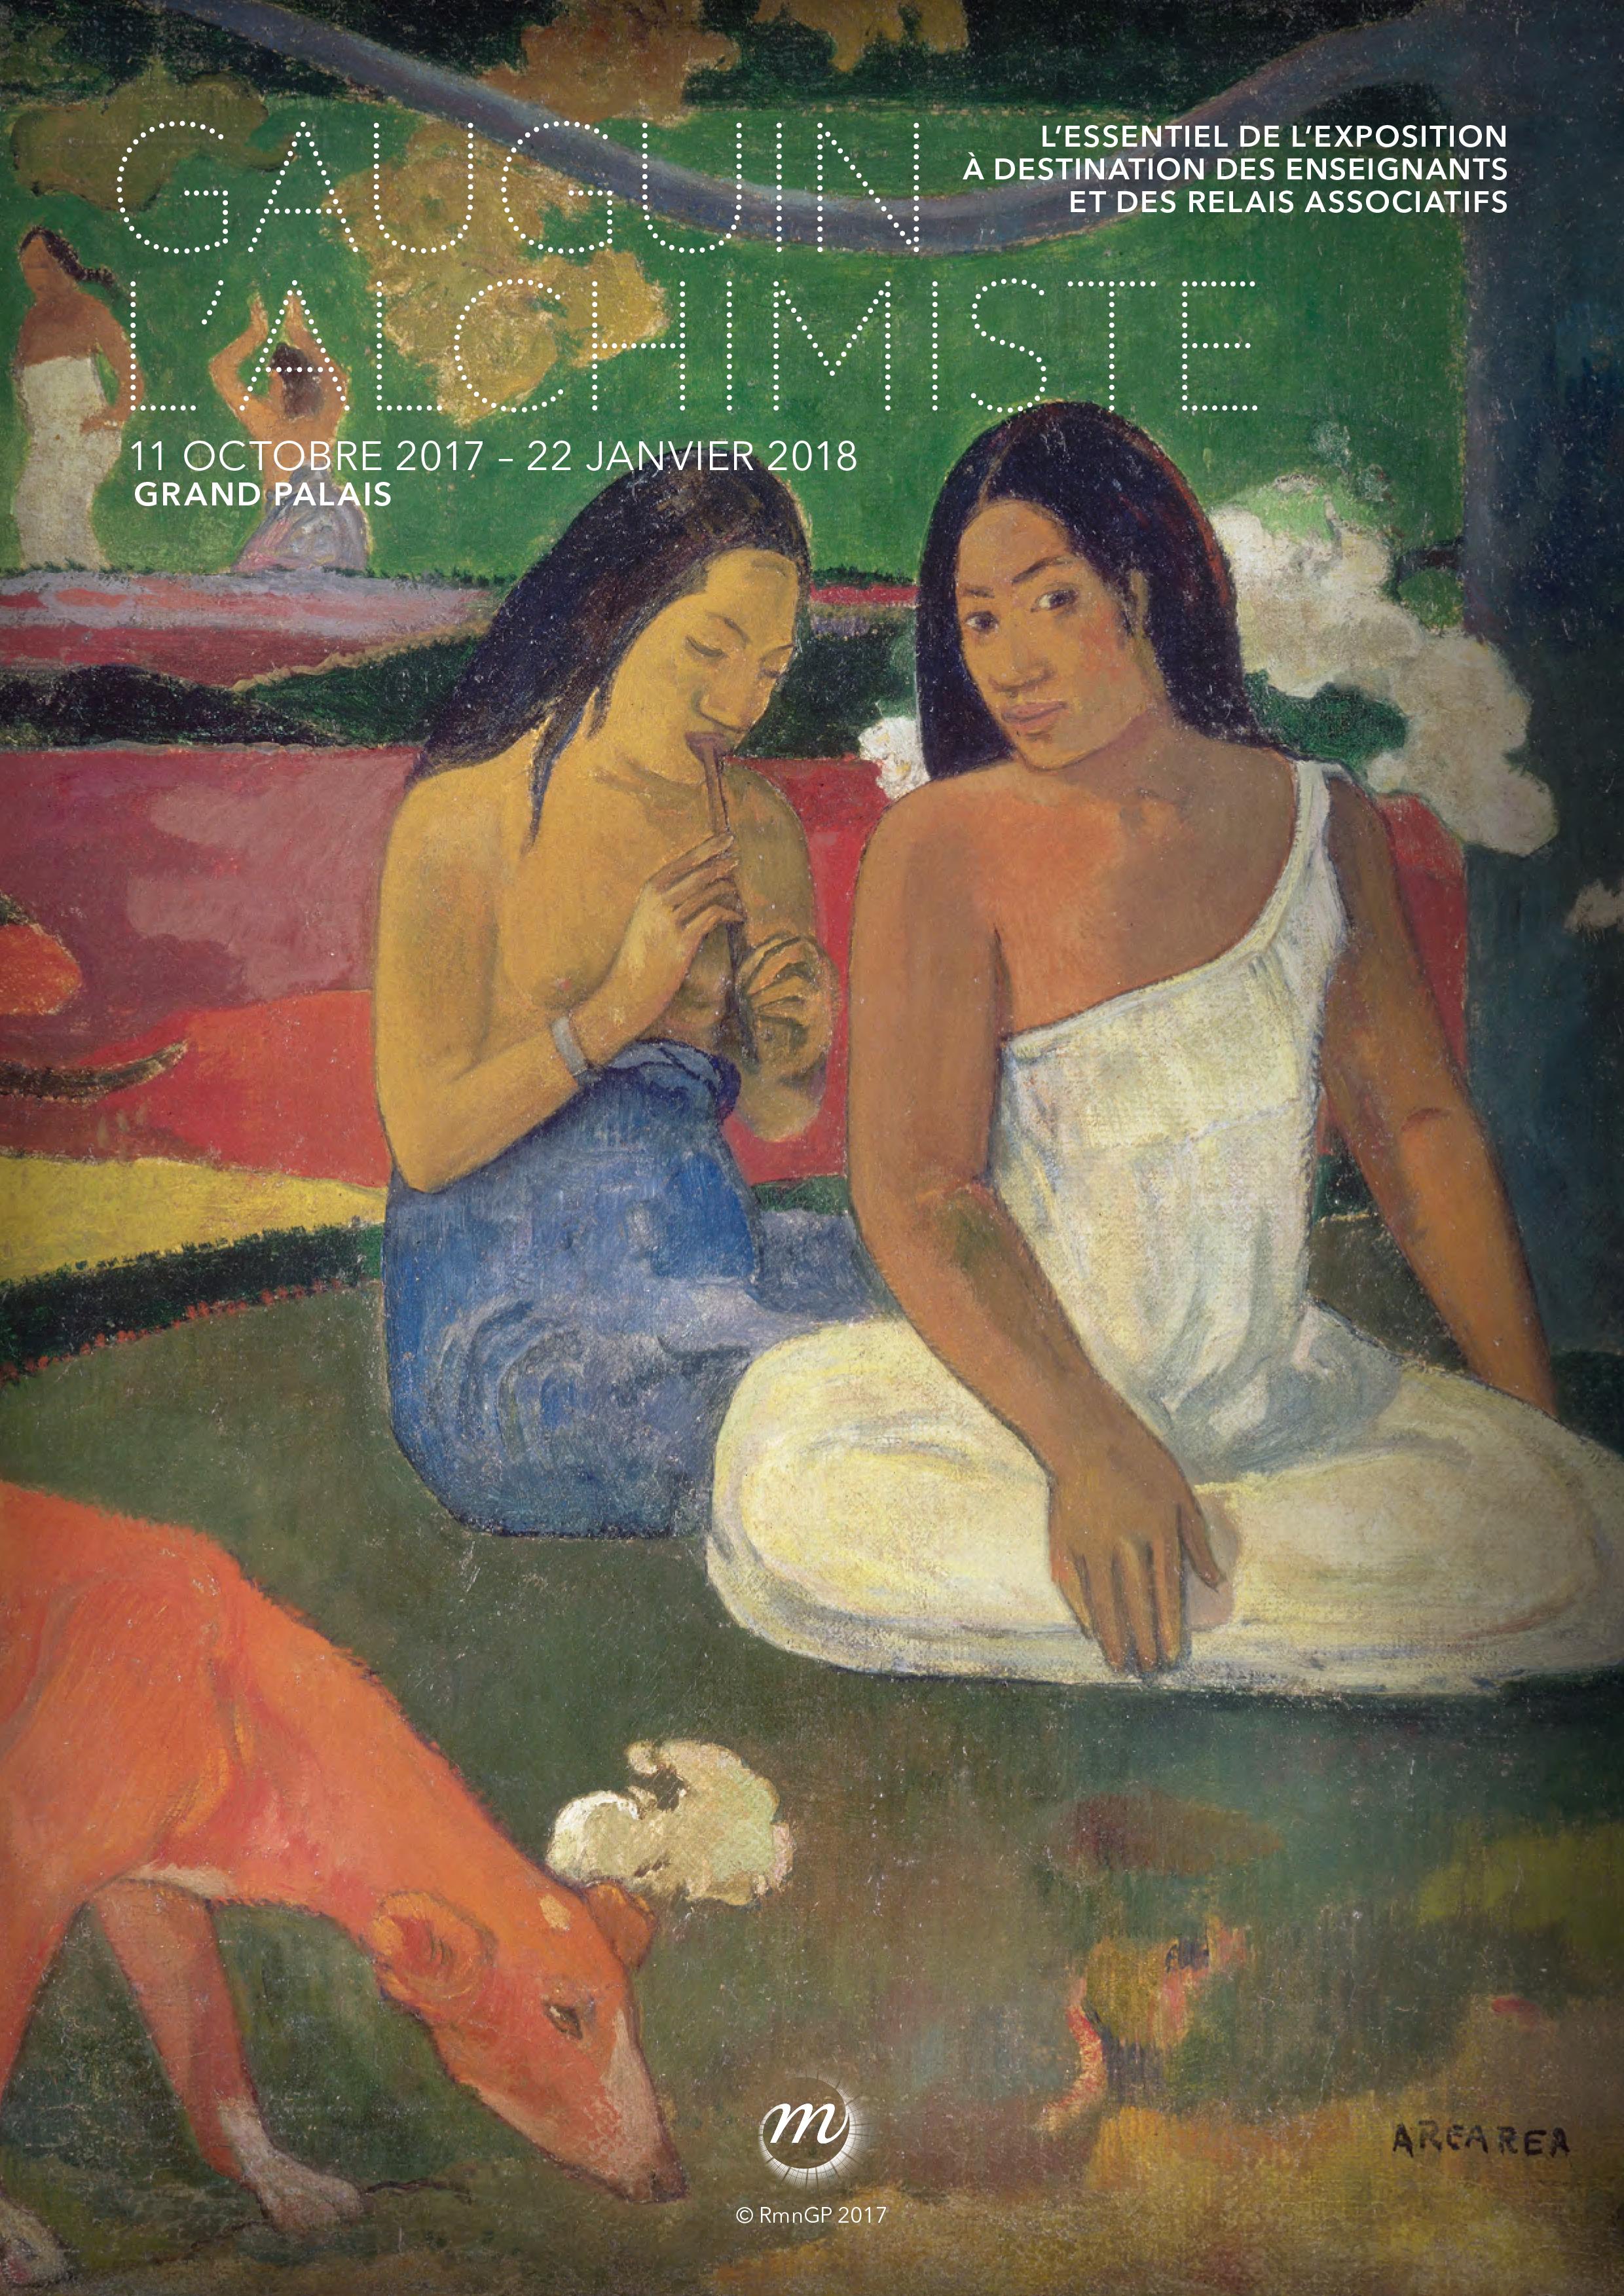 Gauguin le dossier p dagogique exposition au grand palais du 11 10 17 au 22 01 18 - Expo le grand palais ...